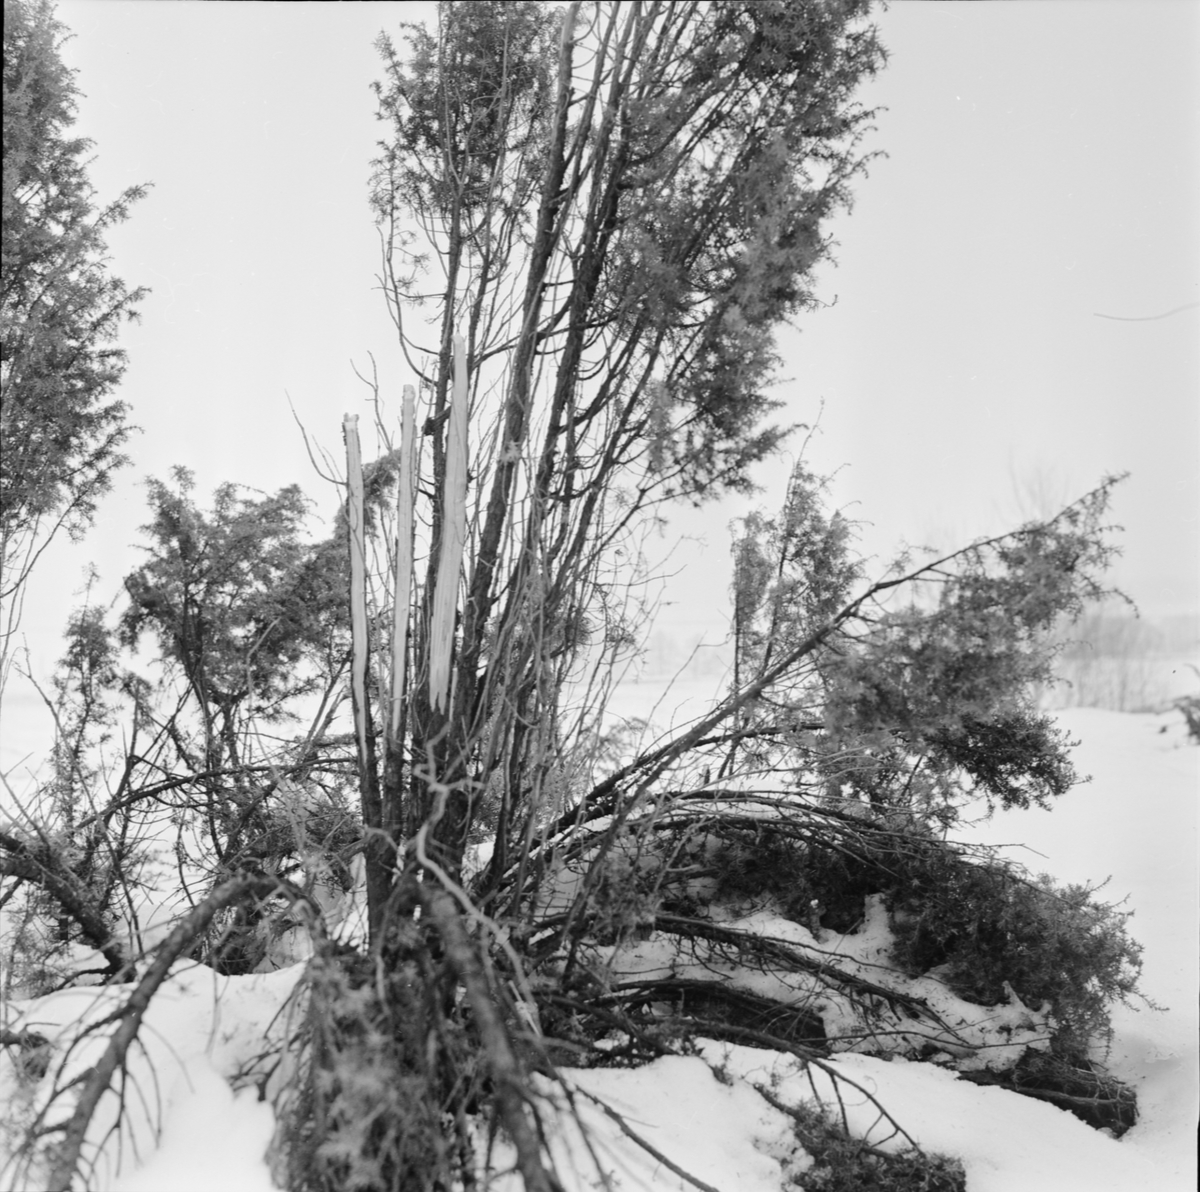 Riskojor, Uppland mars 1963